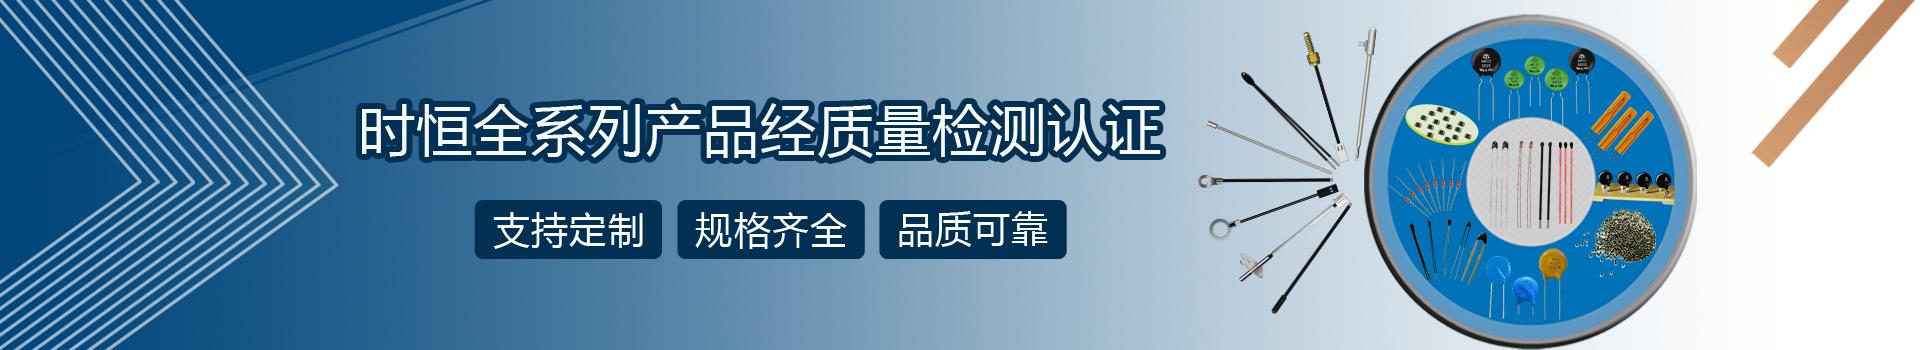 网页页面综合产品